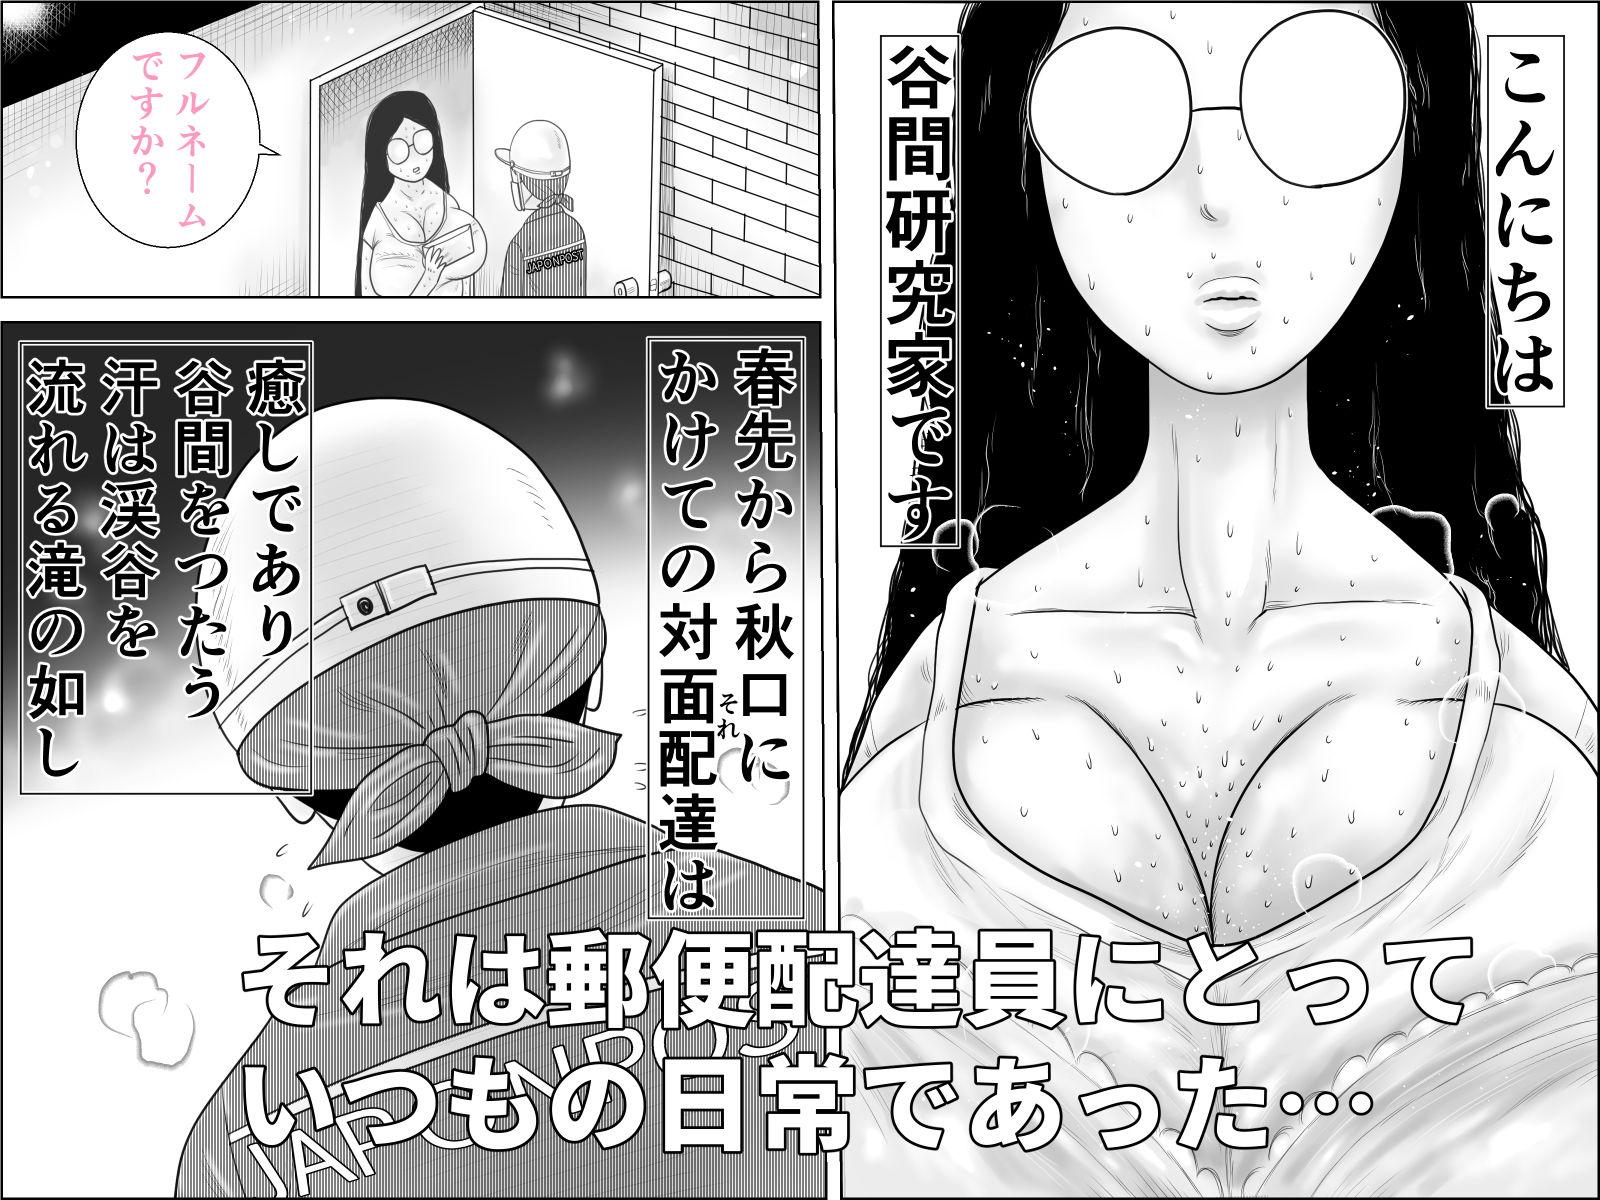 【干し椎茸 同人】ナイアガラ